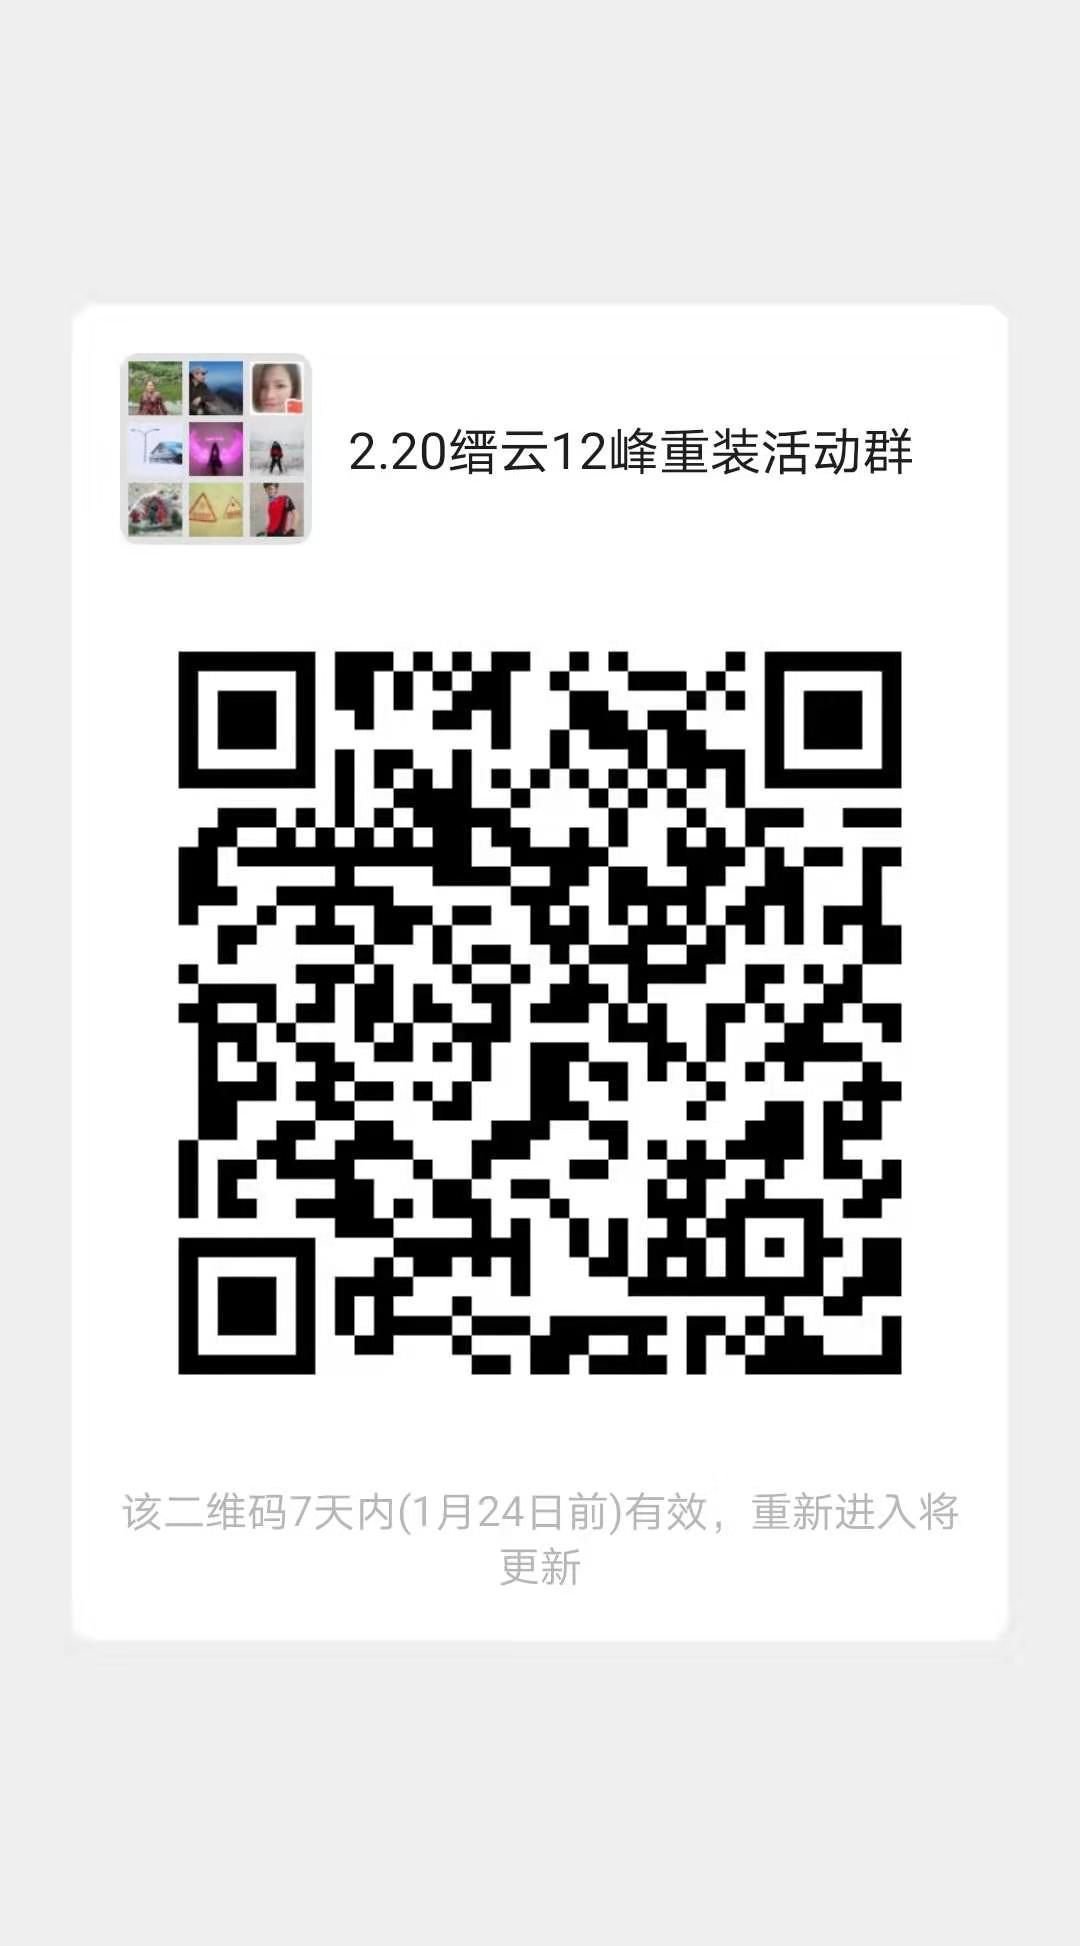 微信图片_20200117121330.jpg